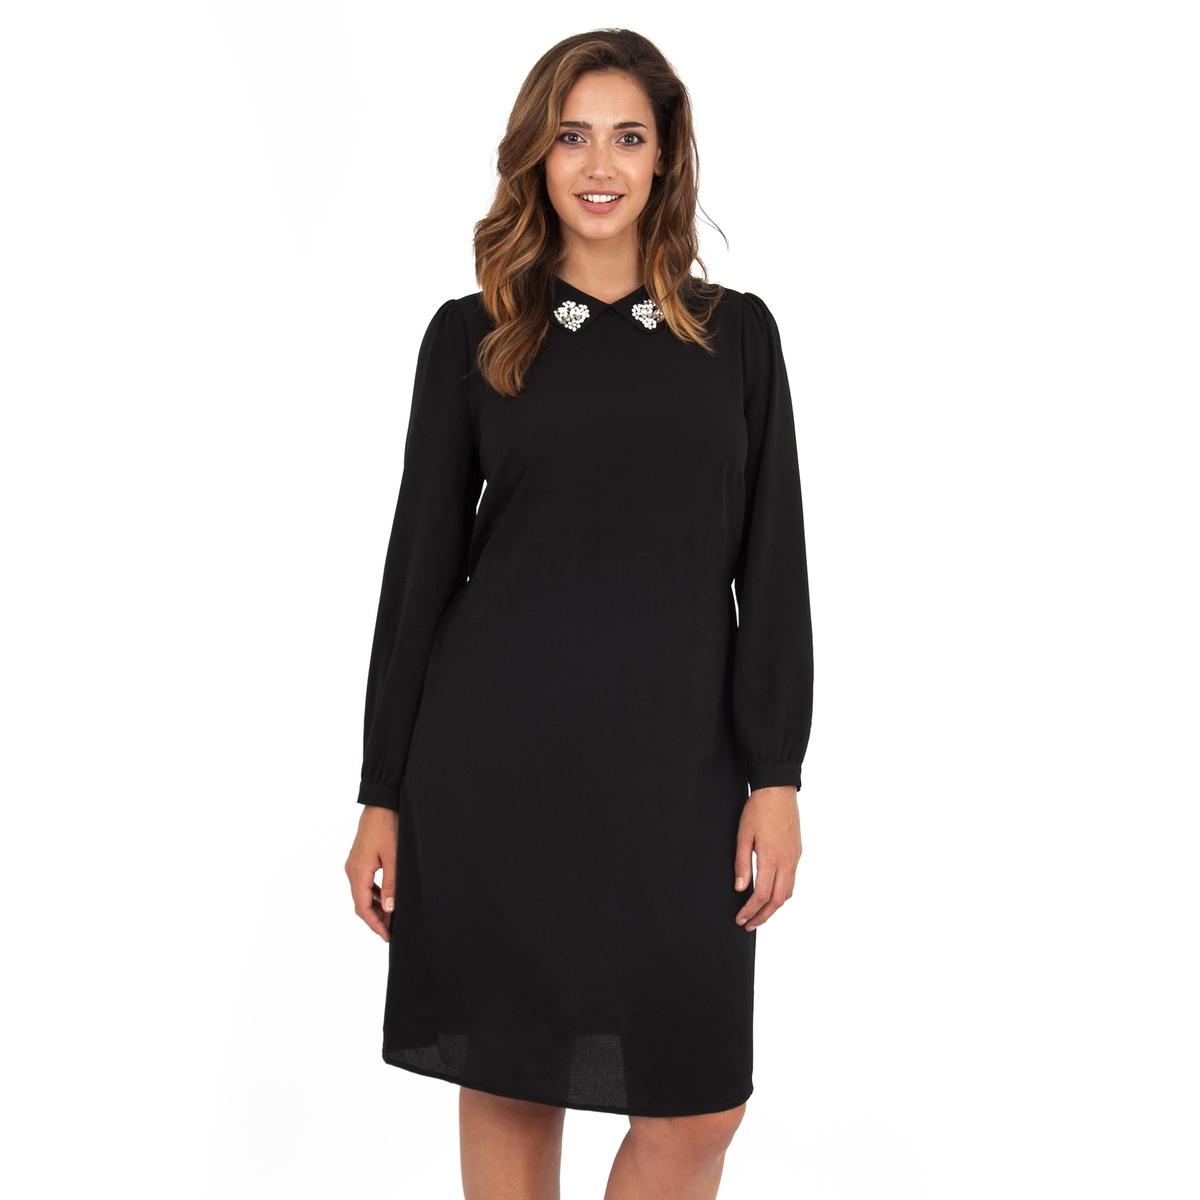 ПлатьеПлатье с длинными рукавами - LOVEDROBE. Красивая отделка выреза. Ремень на поясе. Длина ок.104 см. 100% полиэстера.<br><br>Цвет: черный<br>Размер: 50/52 (FR) - 56/58 (RUS)